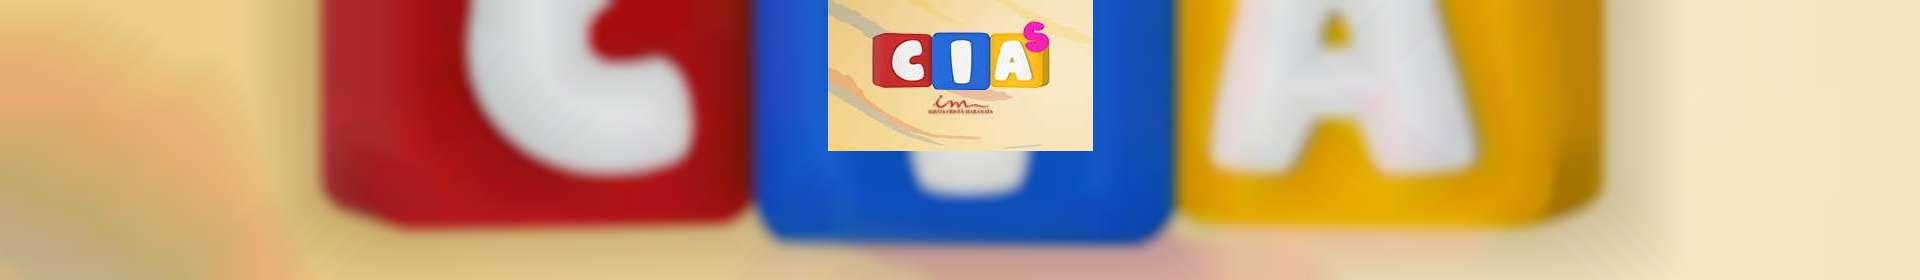 Aula de CIAS: classe de 0 a 3 anos e gestantes - 23 de julho de 2020